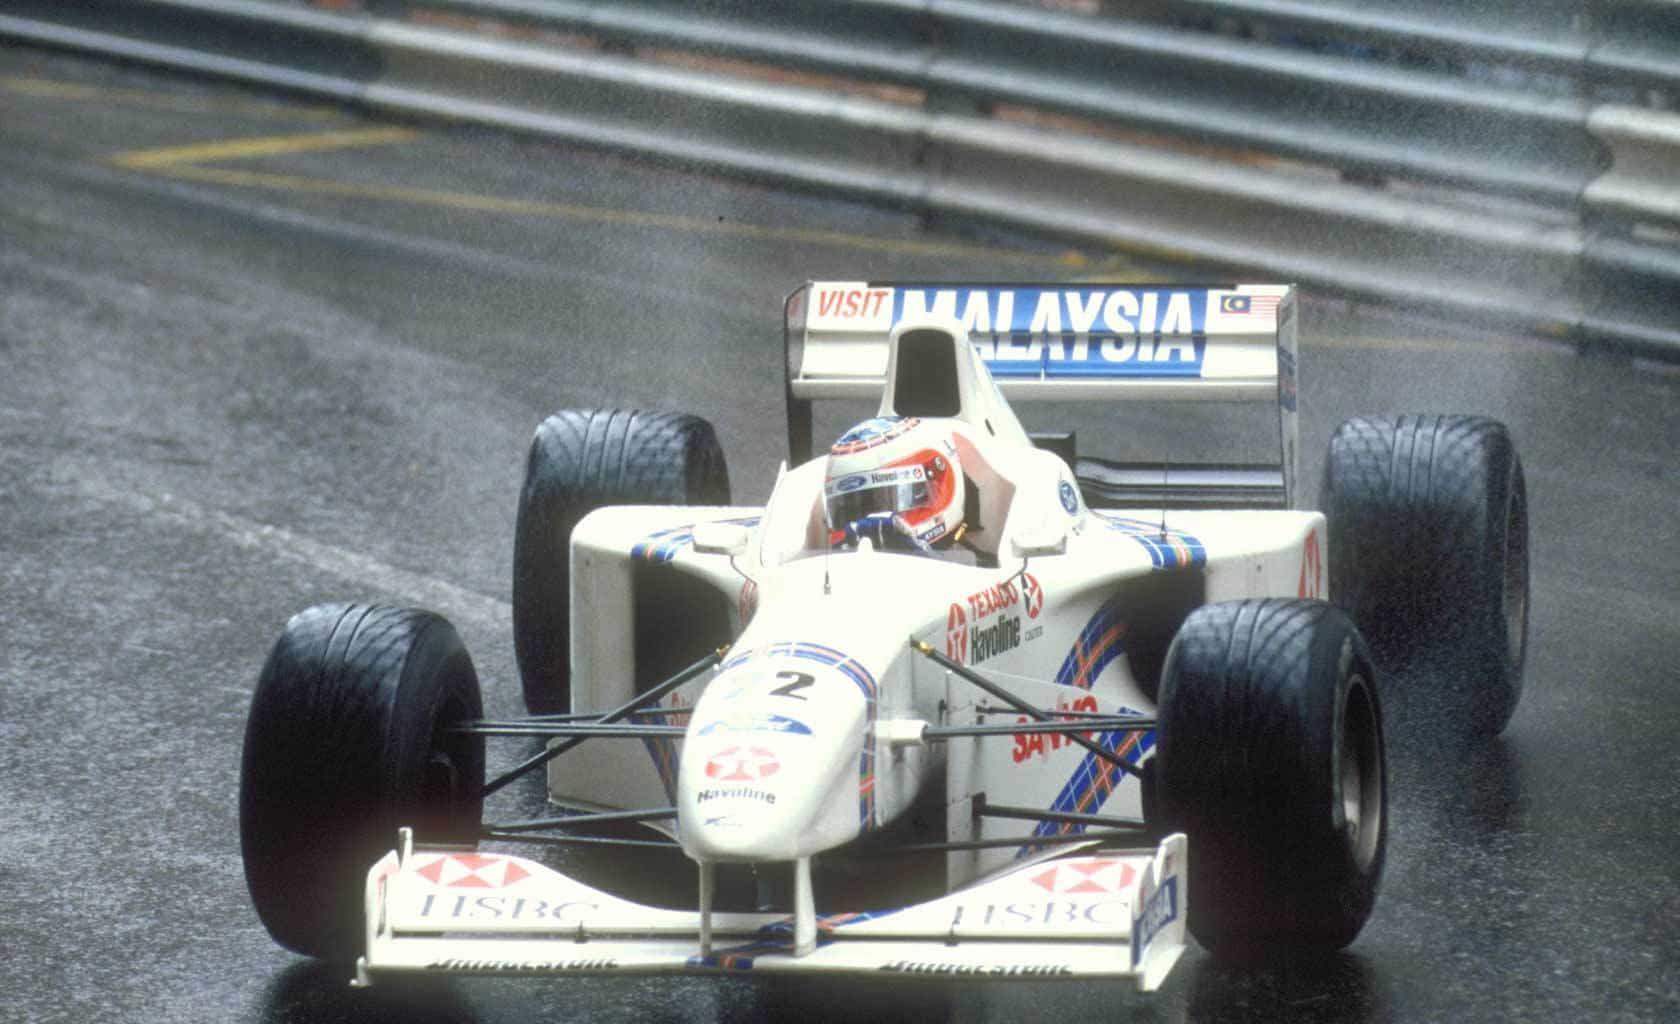 Barrichello Stewart Monaco F1 1997 FOto F1fanatic